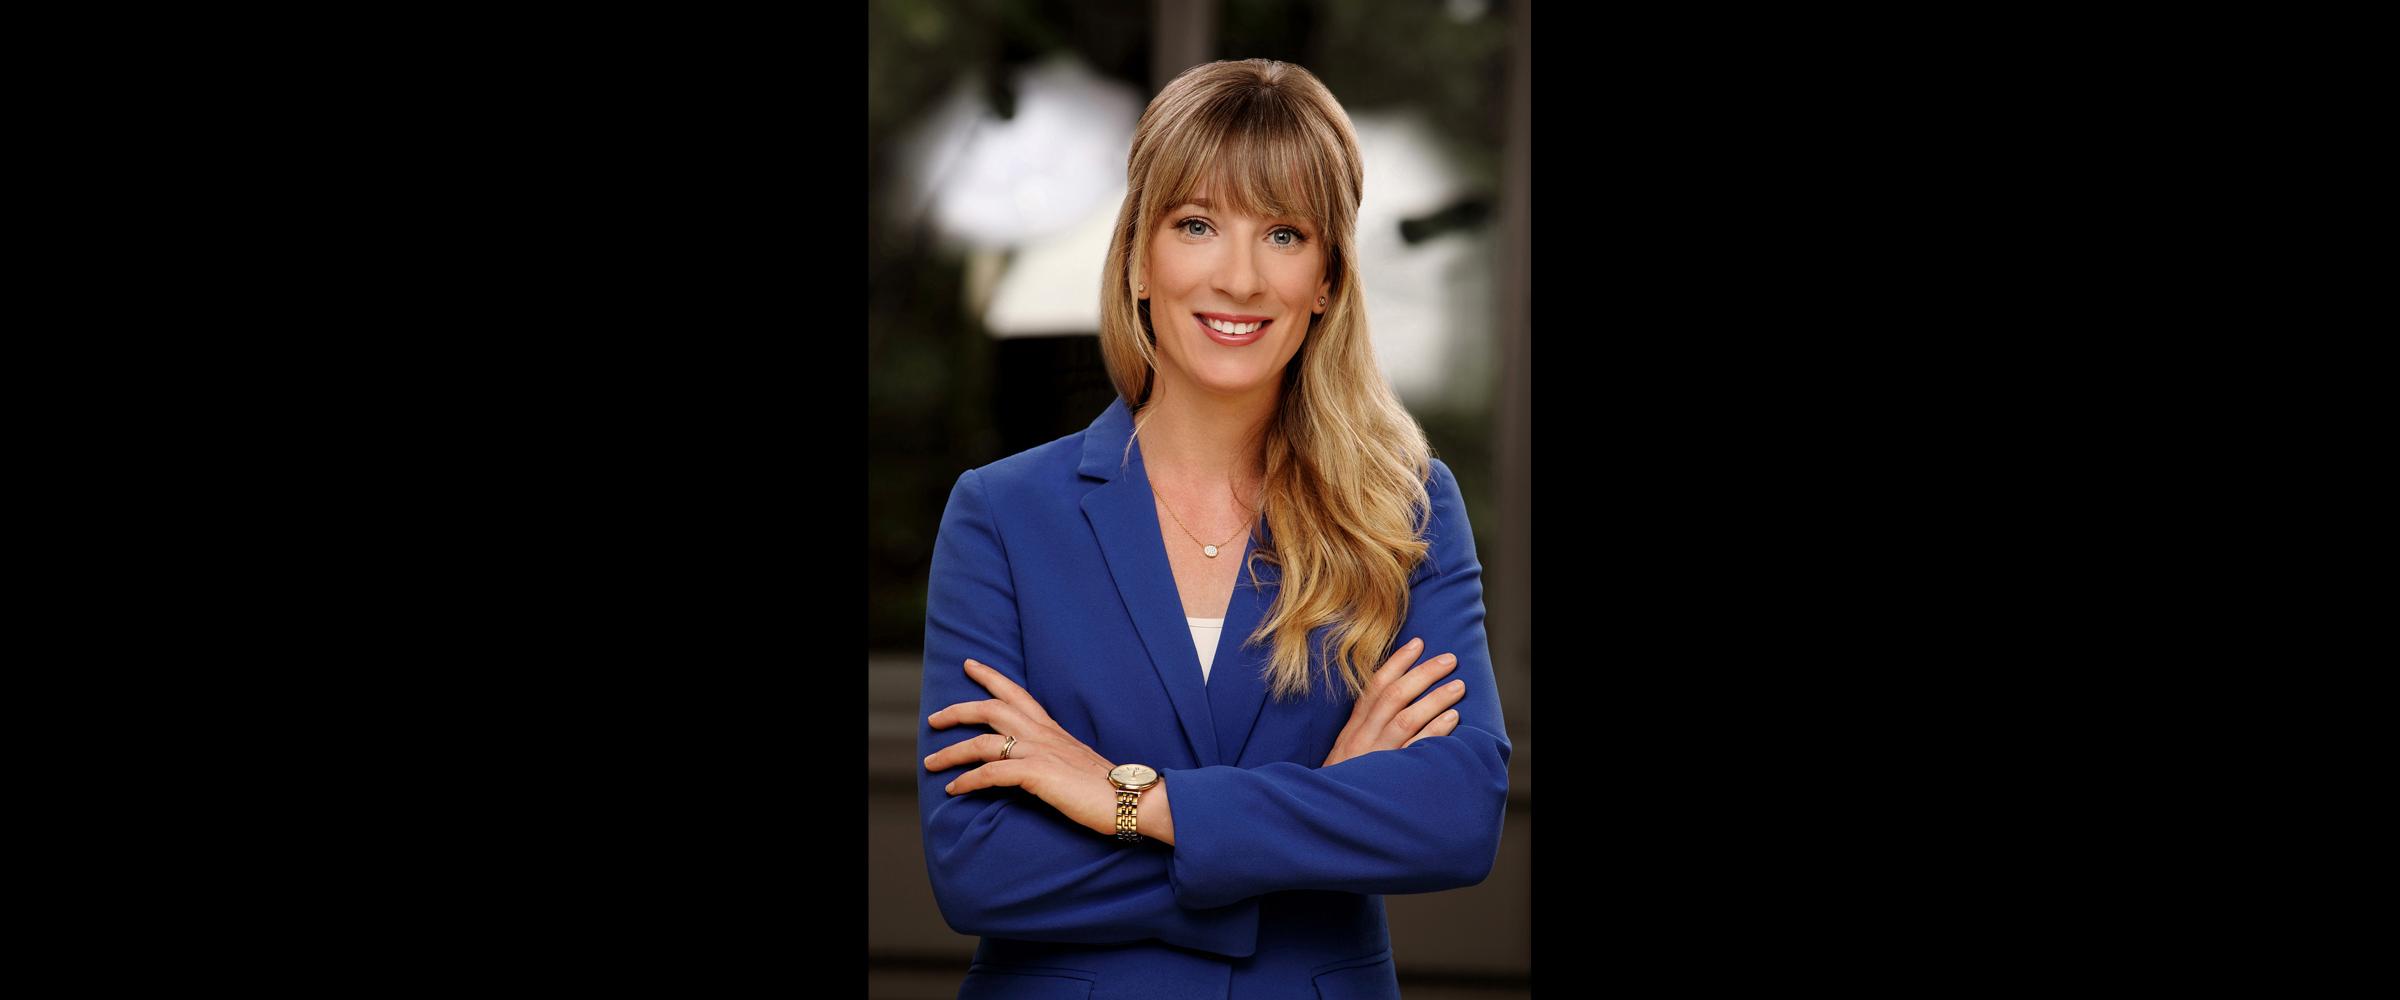 Bewerbungsfoto und Business Portrait einer blonden Frau mit blauem Business-Jackett, die freundlich lächelt und ihre Arme vor der Brust kreuzt.